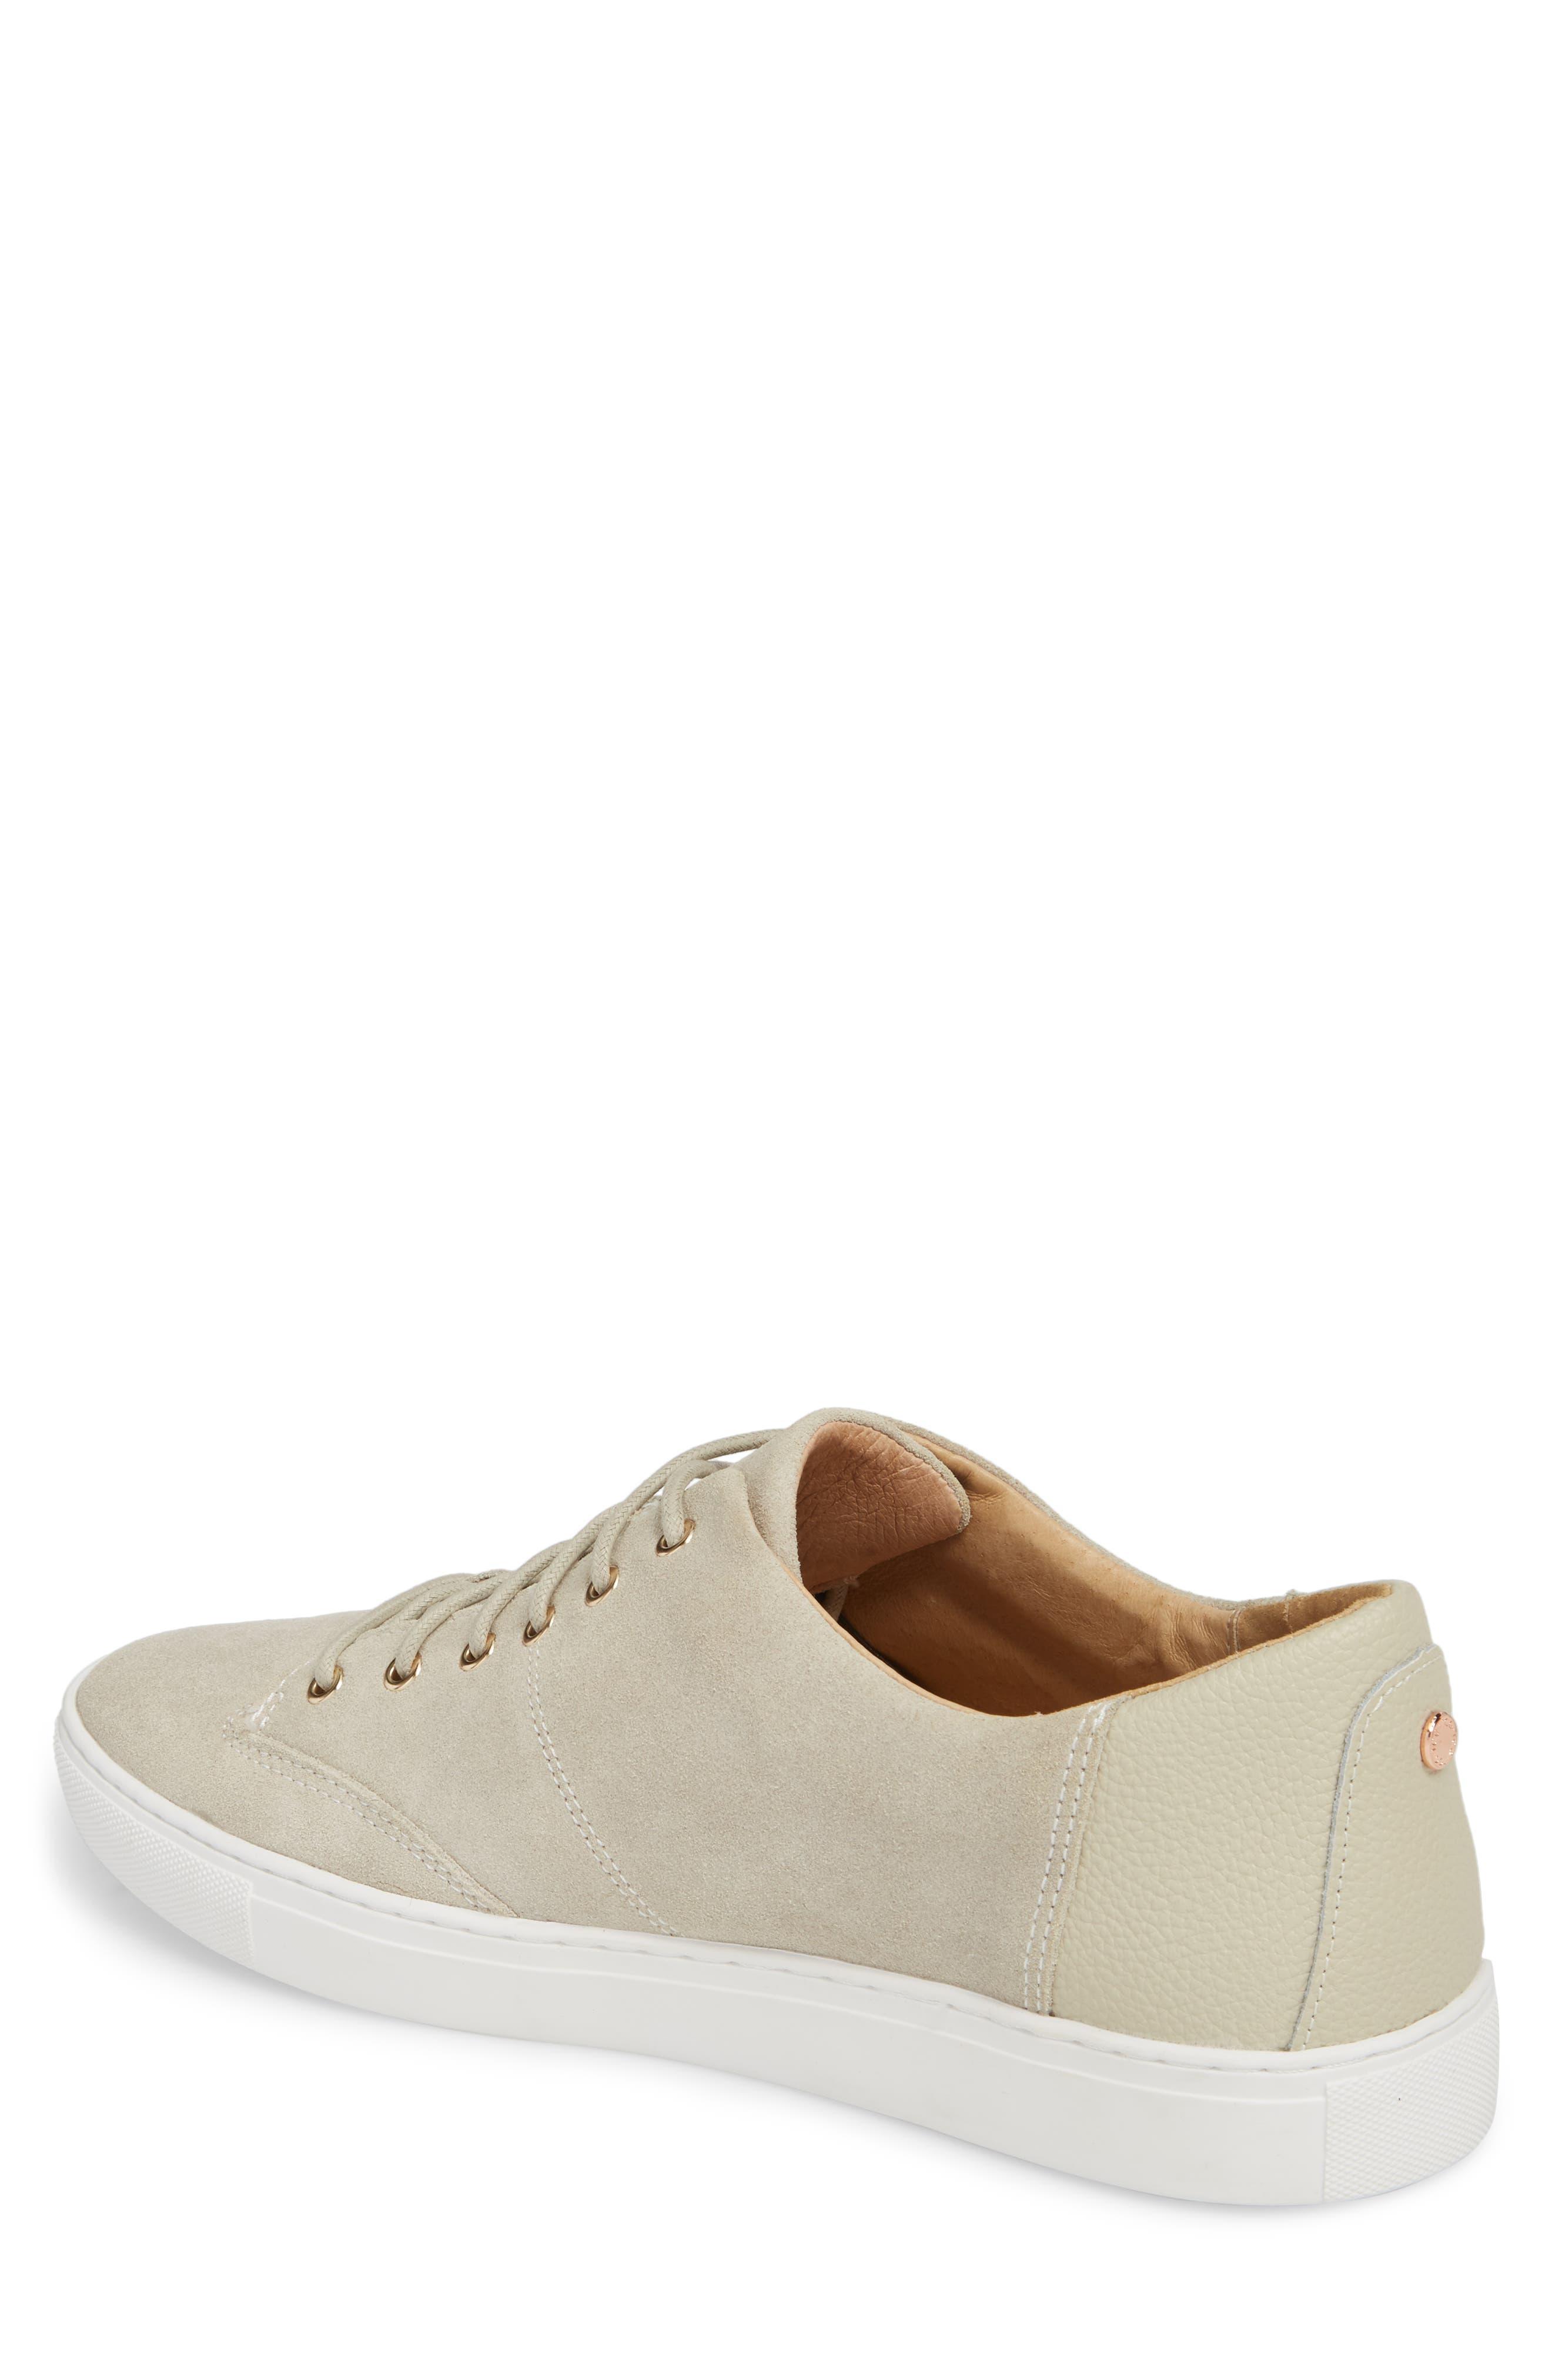 Alternate Image 2  - TCG Cooper Sneaker (Men)